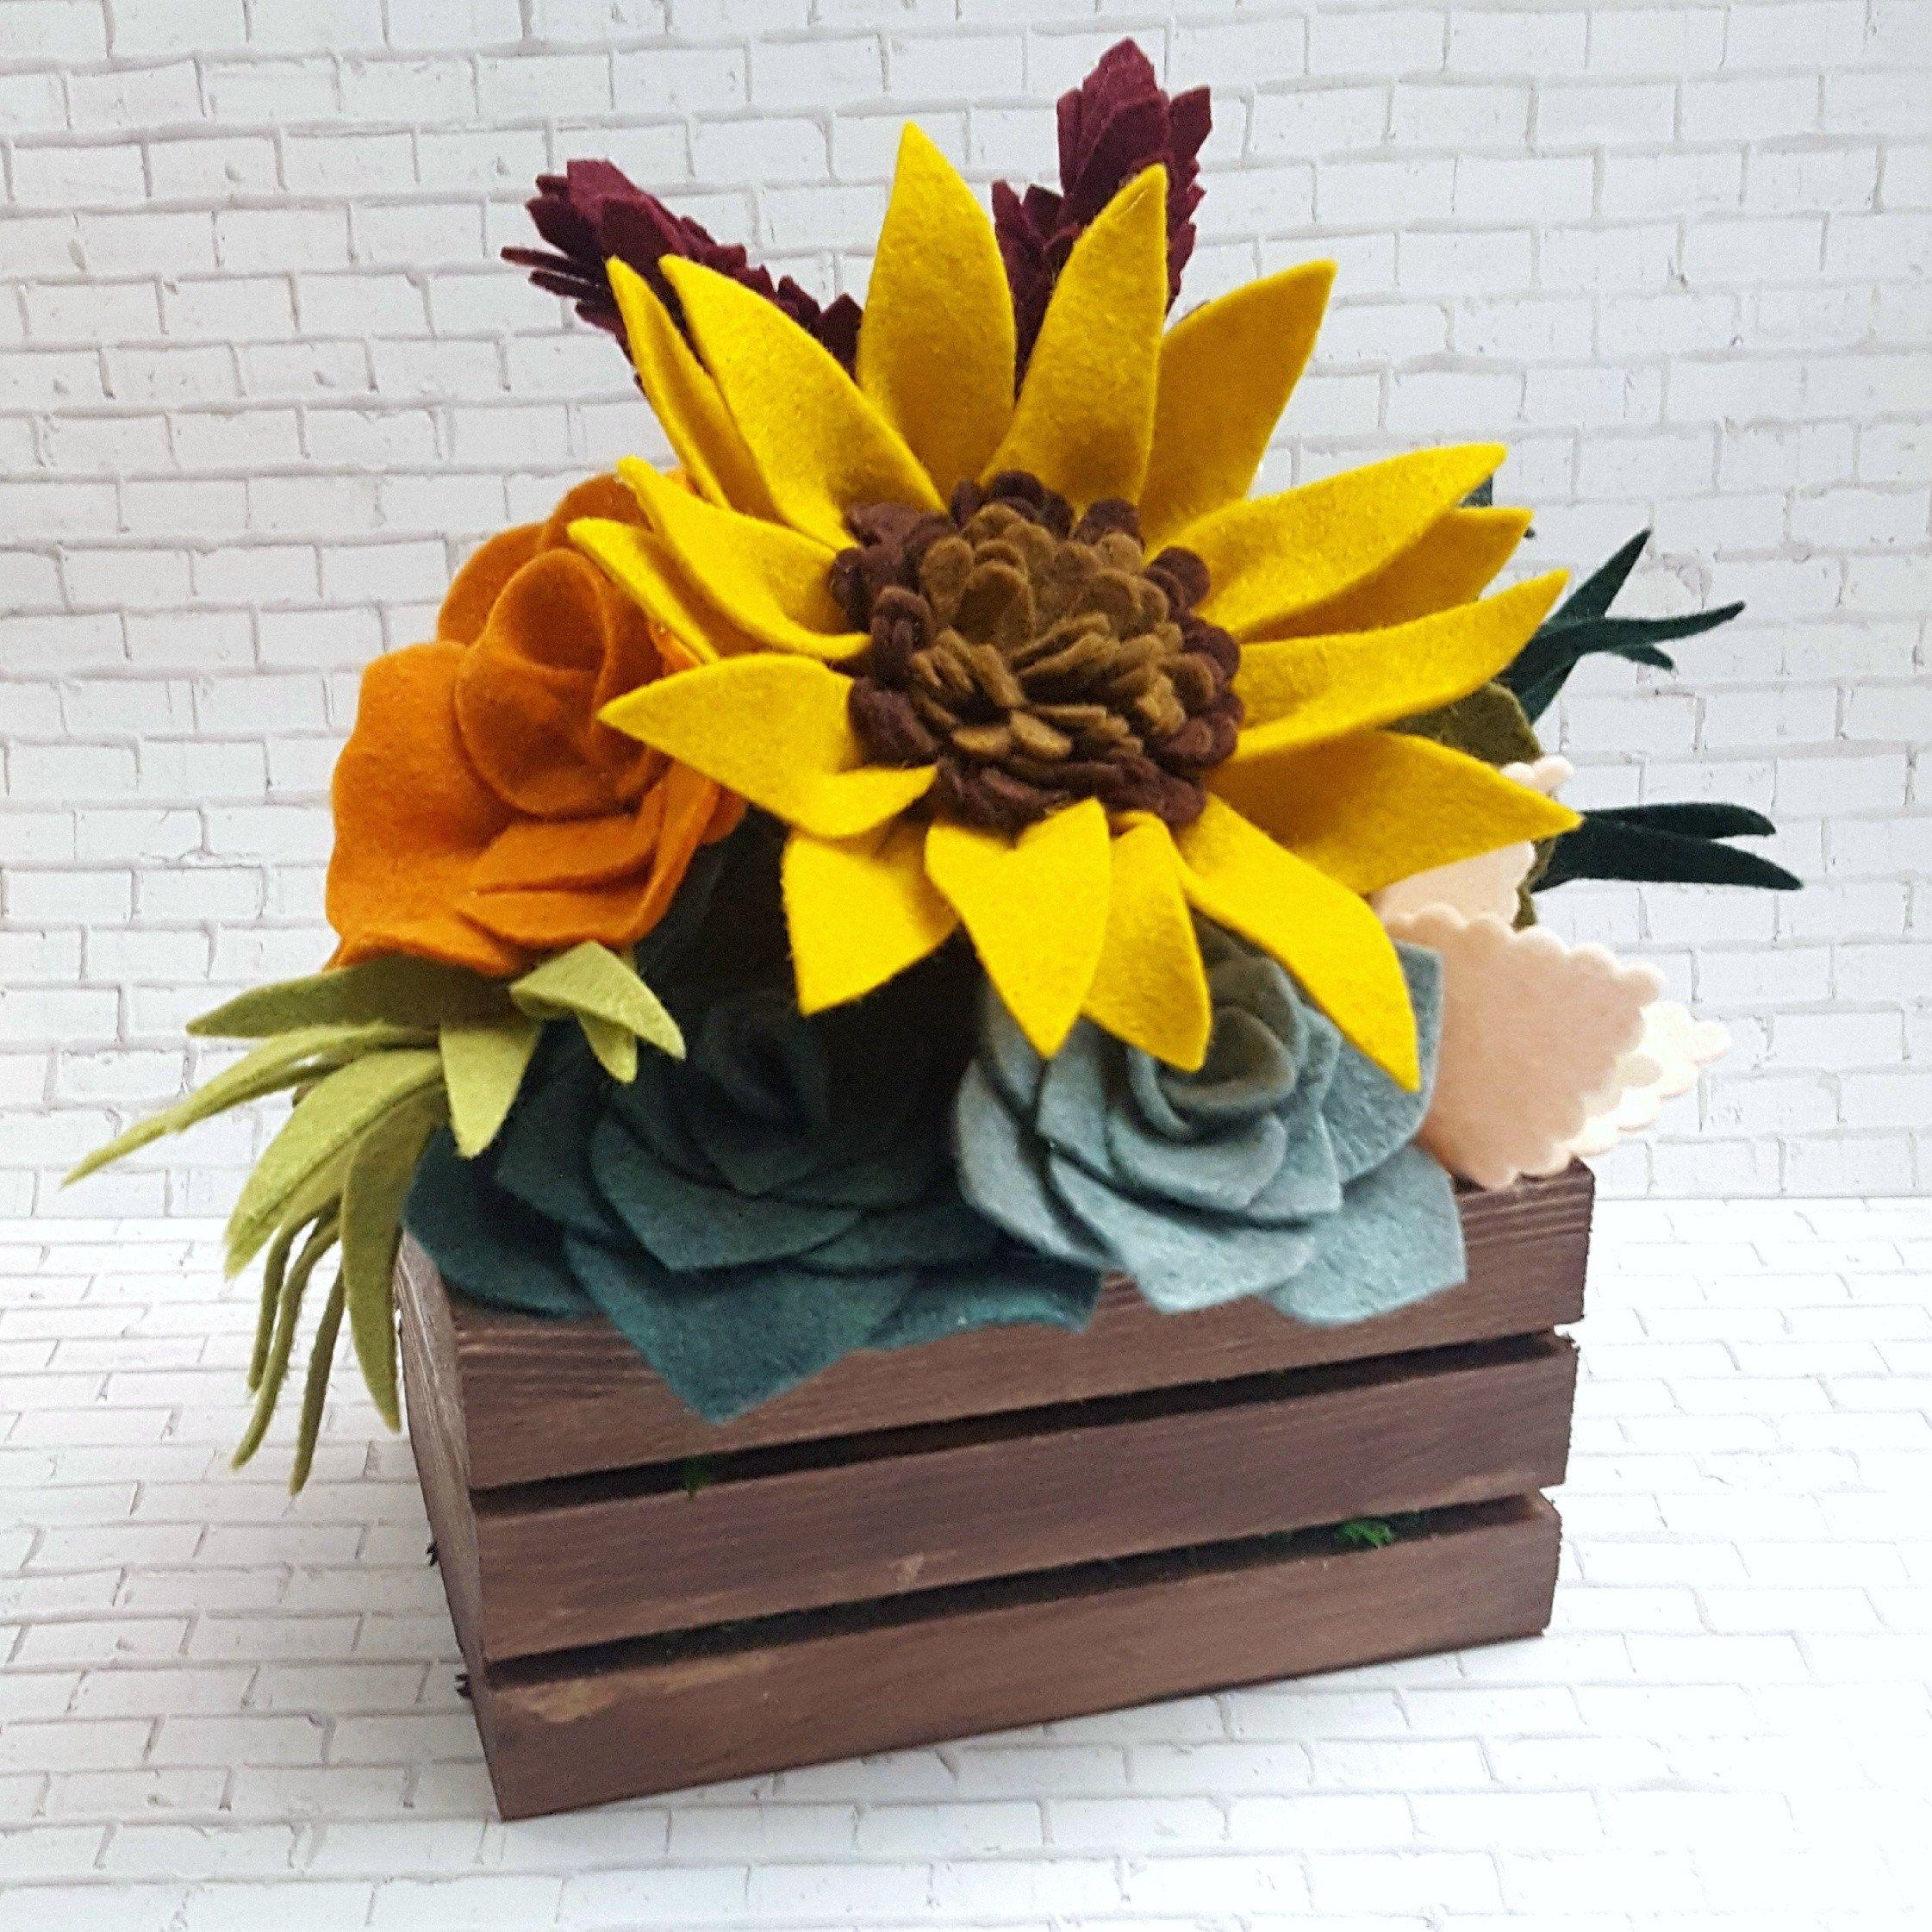 Fall Felt Succulent And Flower Arrangement In A Mini Wooden